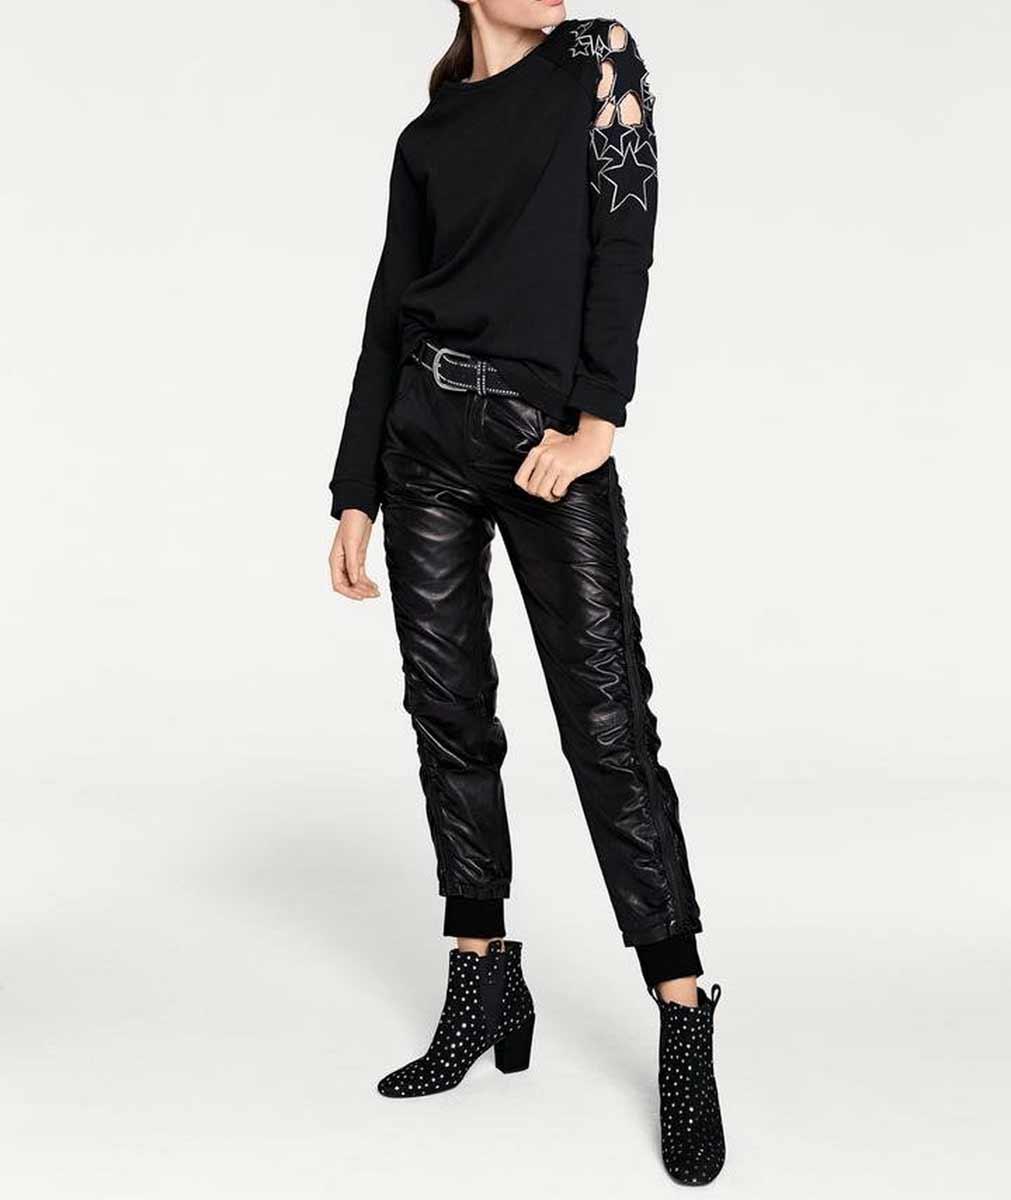 sweatshirts auf rechnung HEINE Damen Designer-Sweatshirt m. Stickerei Schwarz 073.399 MISSFORTY